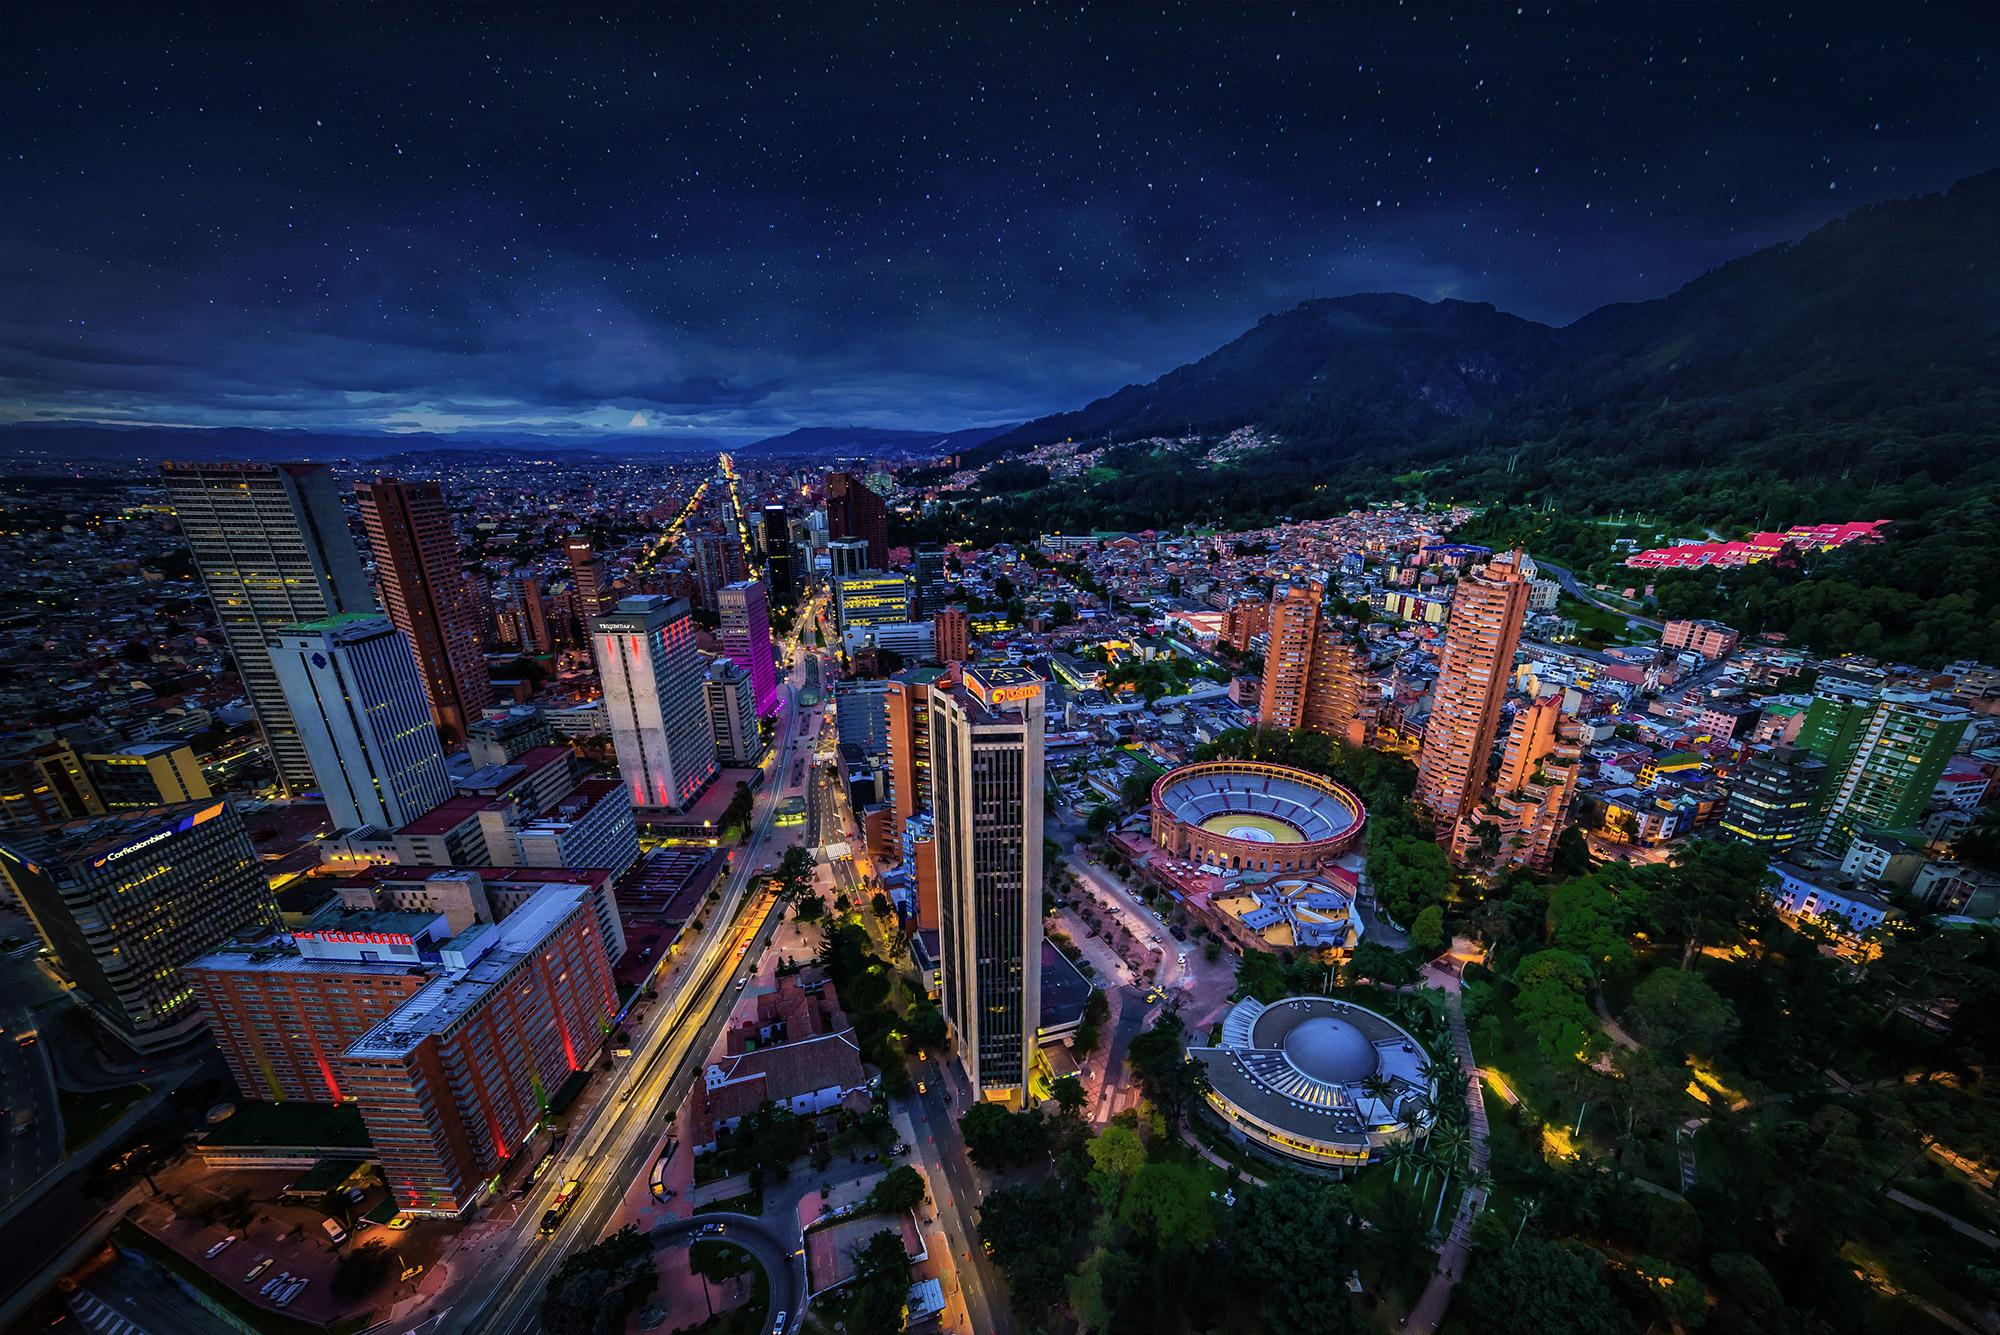 Panorámica de Bogotá nocturna con estrellas